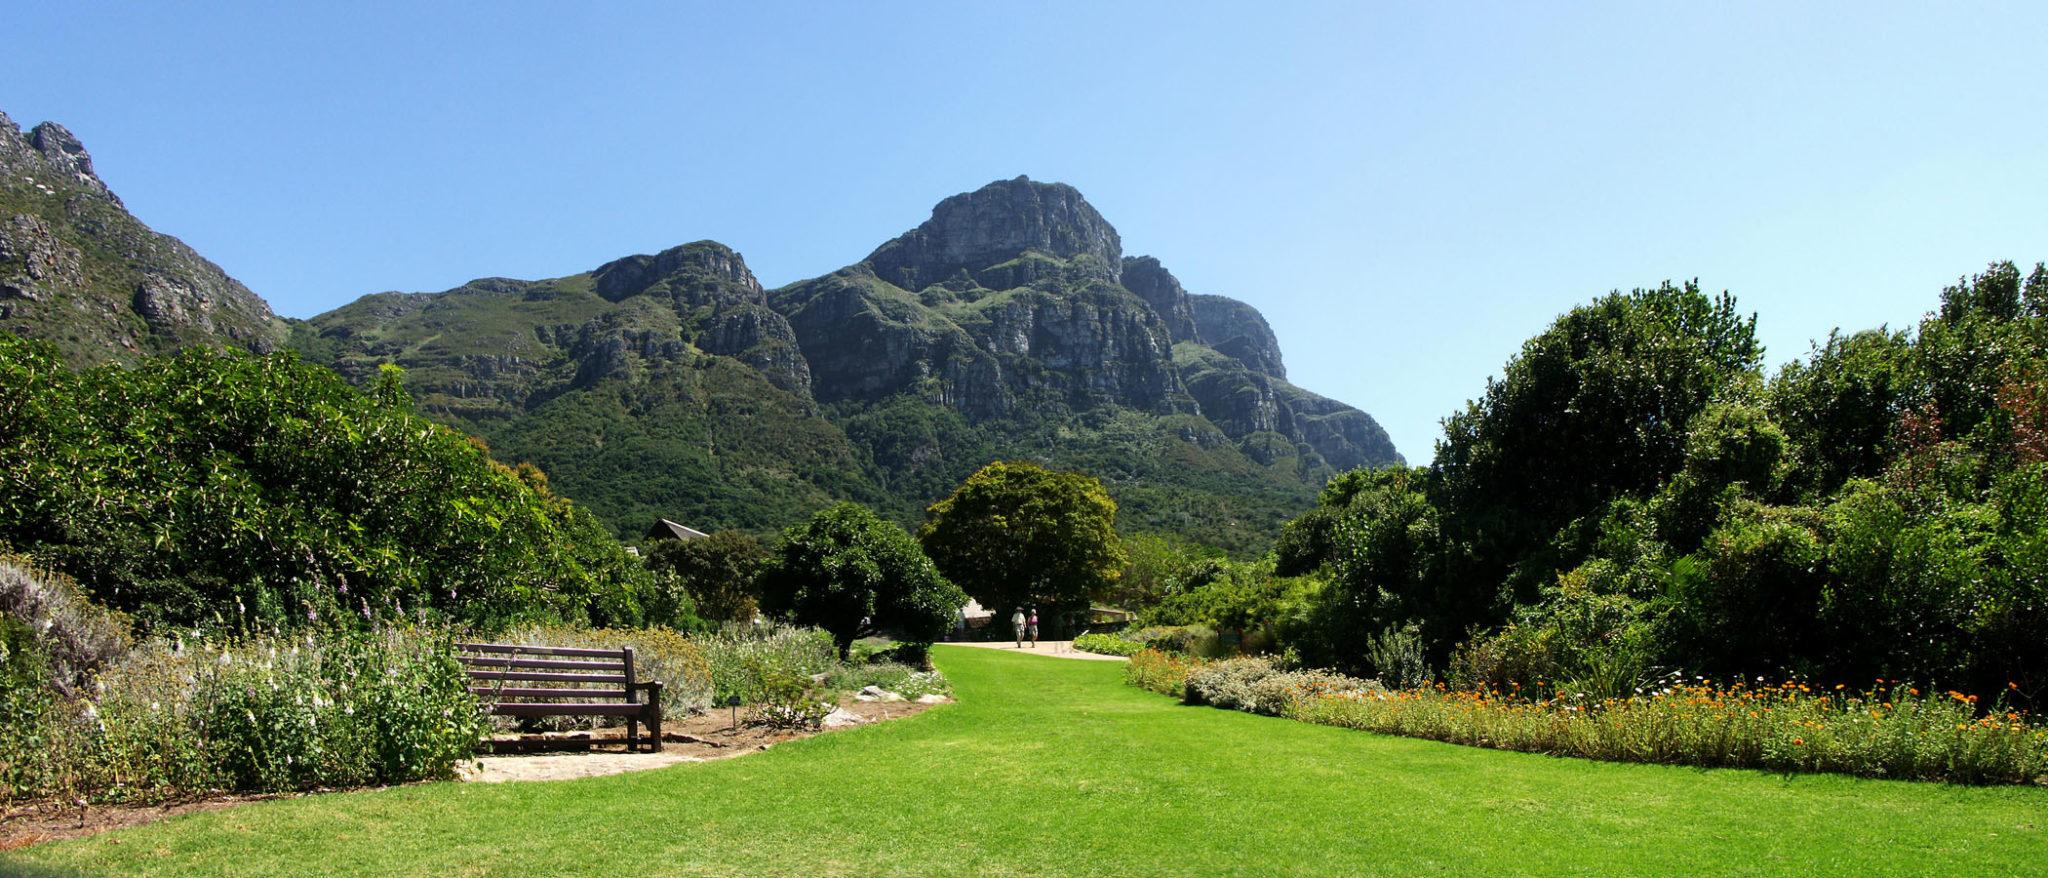 Jardín Botánico Nacional de Kirstenbosch 2